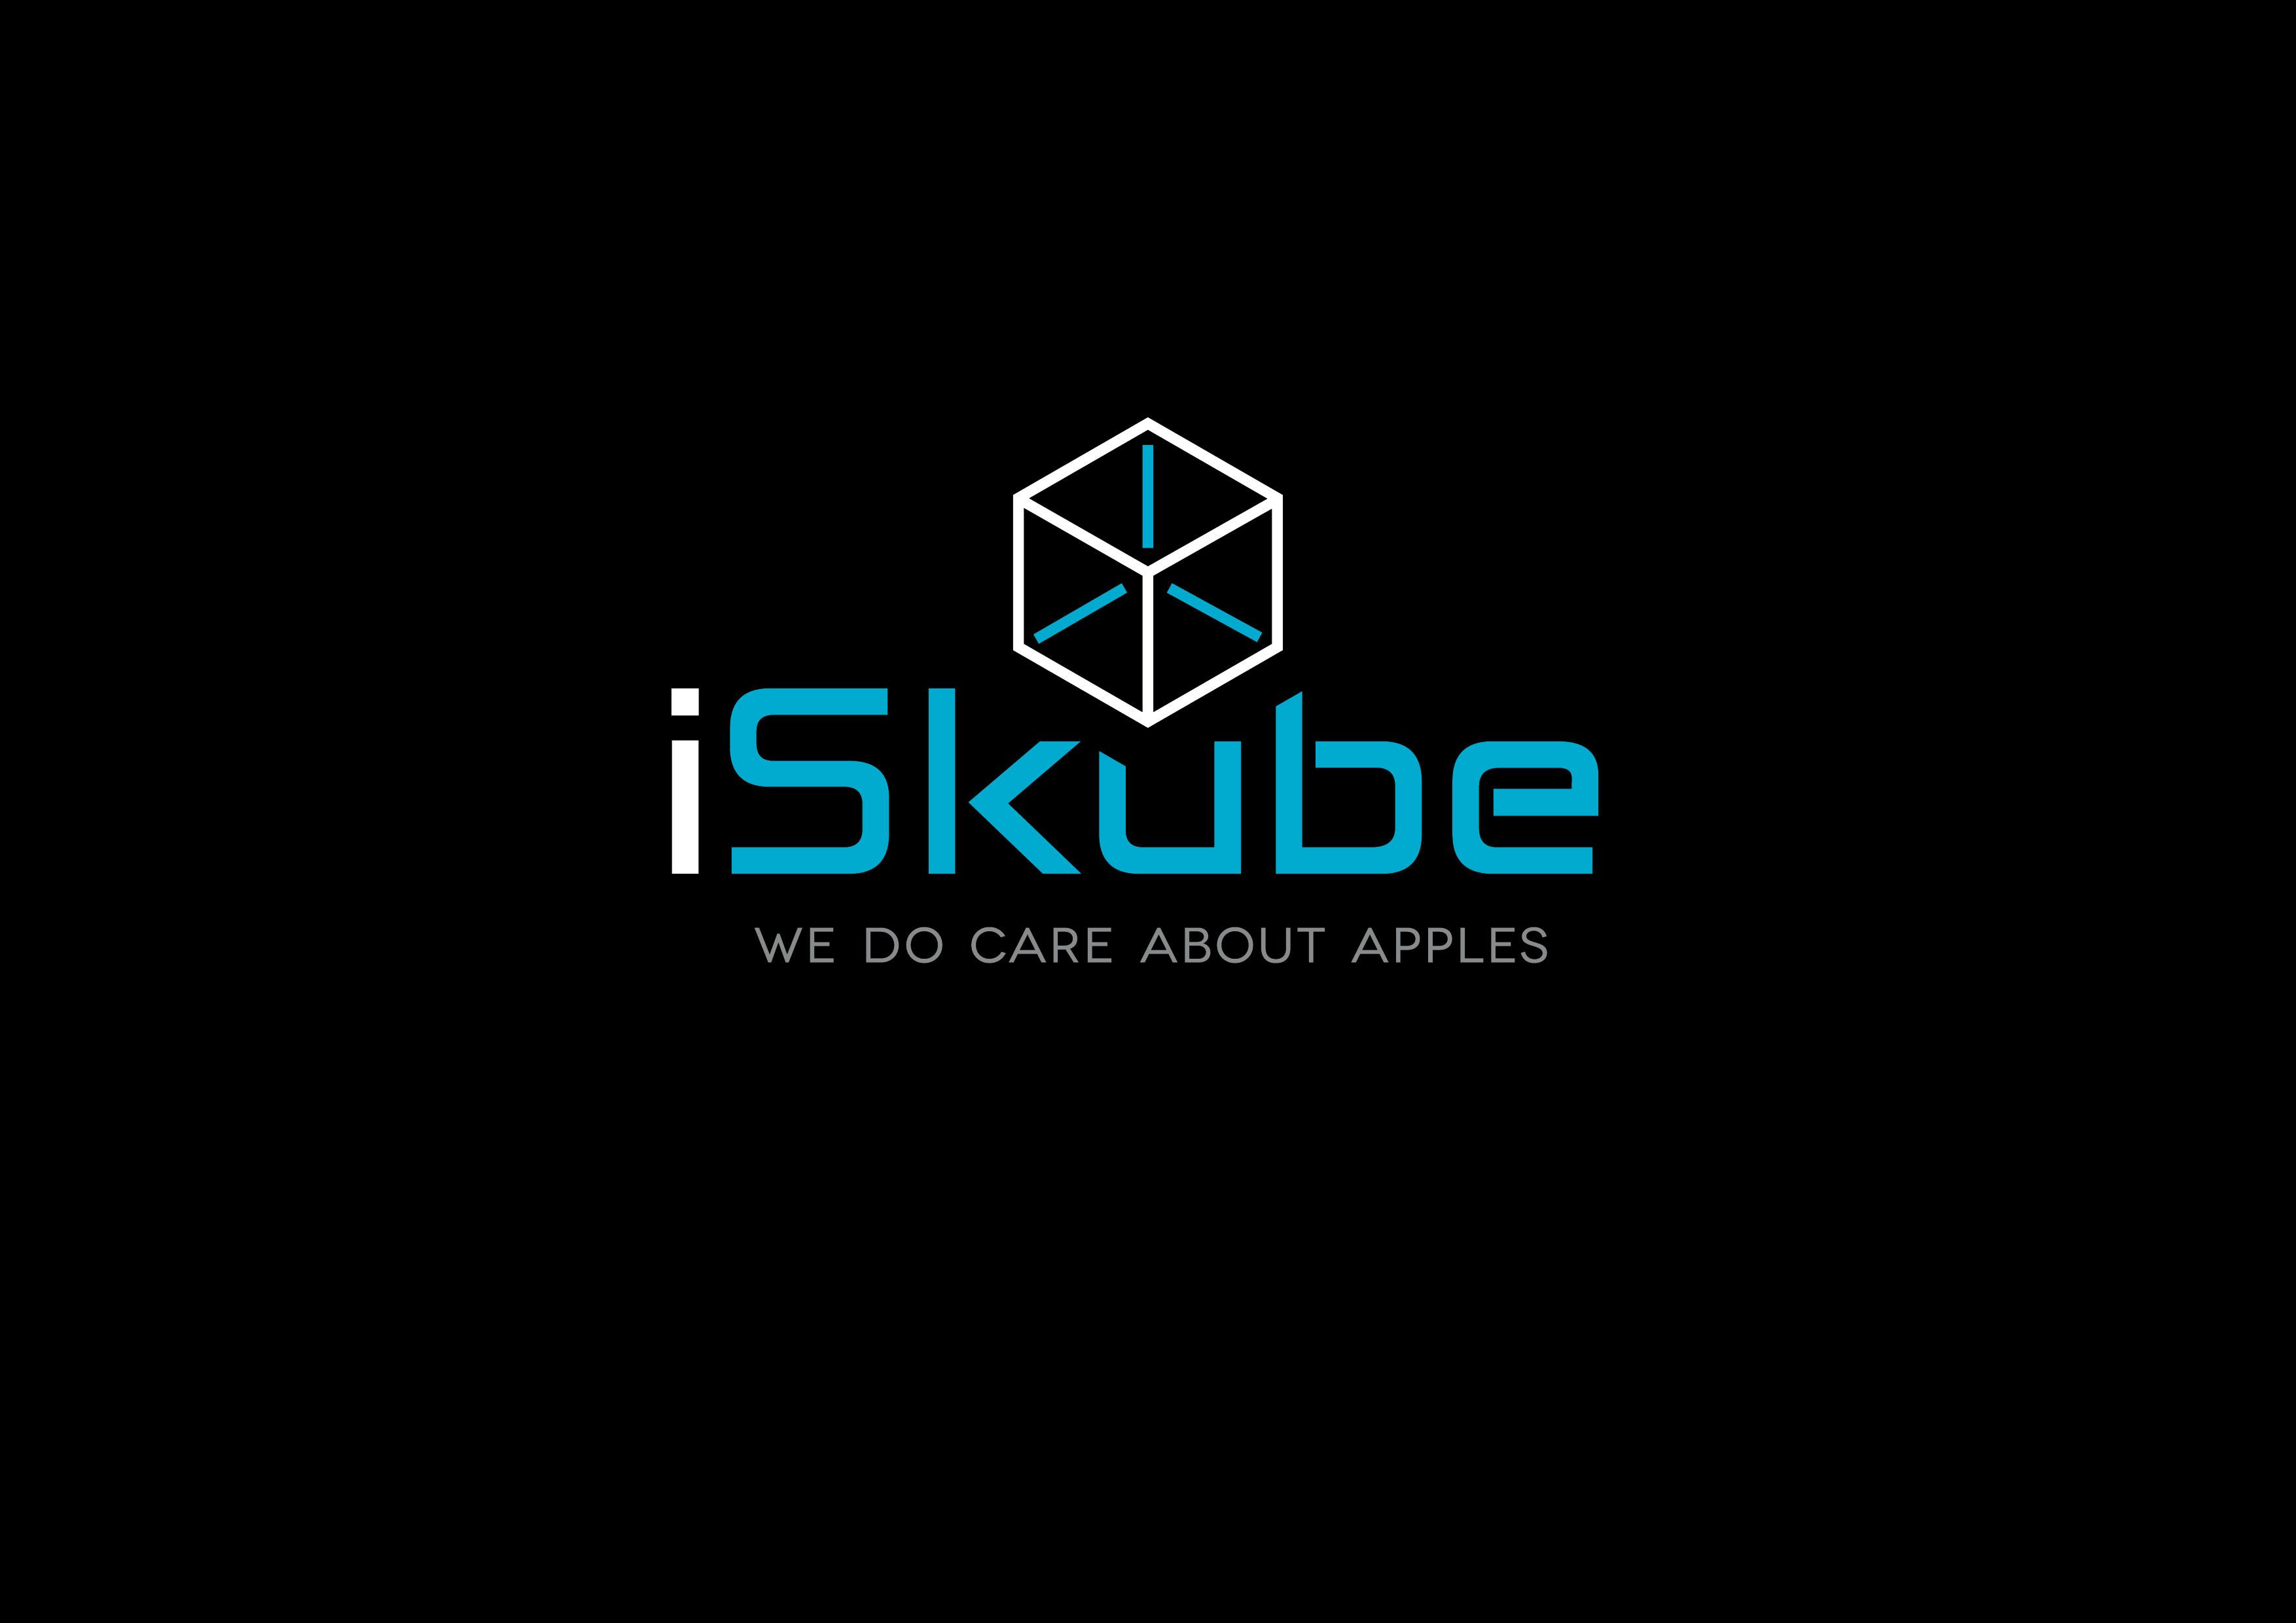 iSkube_logo_RGB_72dpi